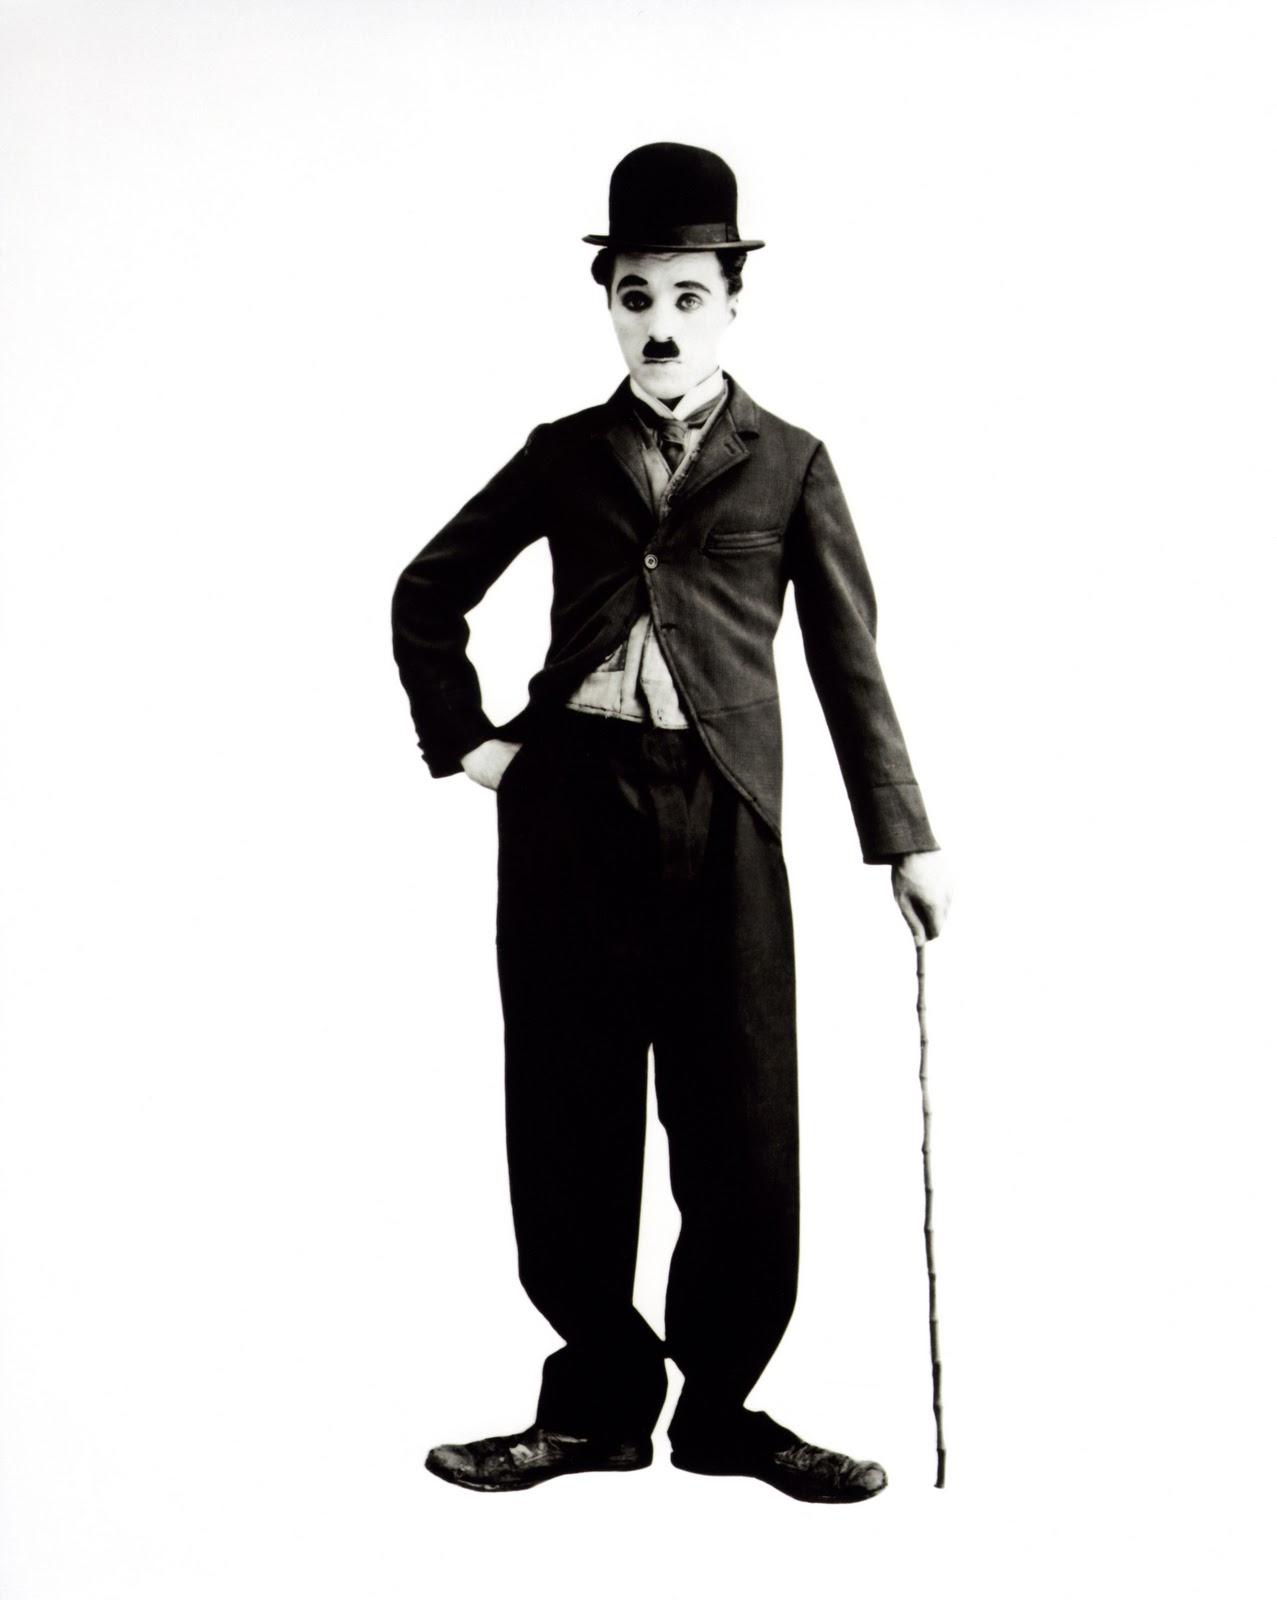 http://2.bp.blogspot.com/-zpO-wJ8xgvI/T2L-S6F-ObI/AAAAAAAAA10/v8KZOO3yZzM/s1600/Charlie+Chaplin.jpg